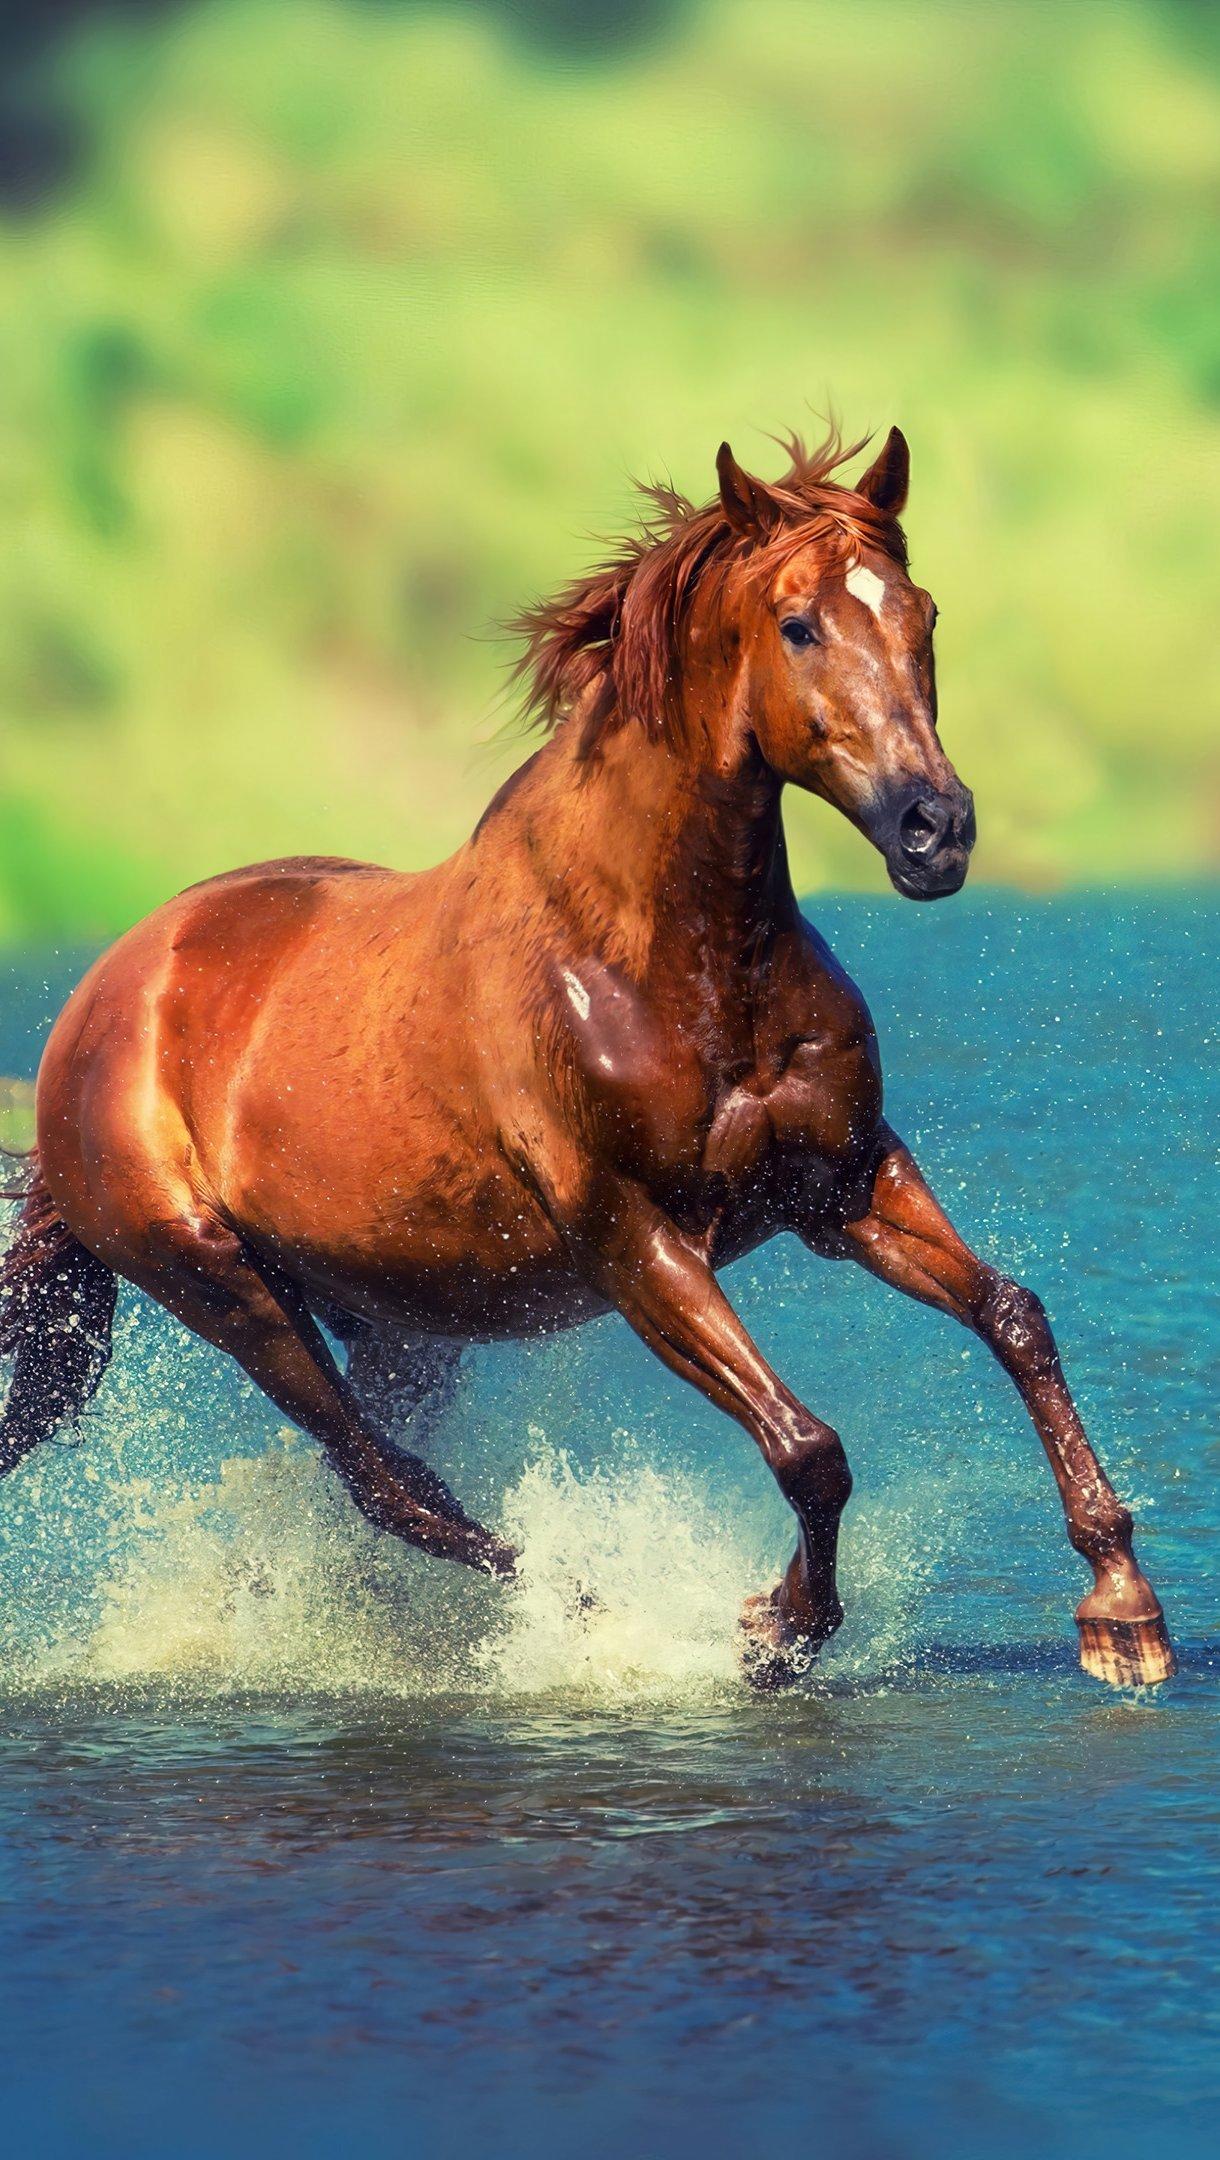 Wallpaper Horse running through water Vertical